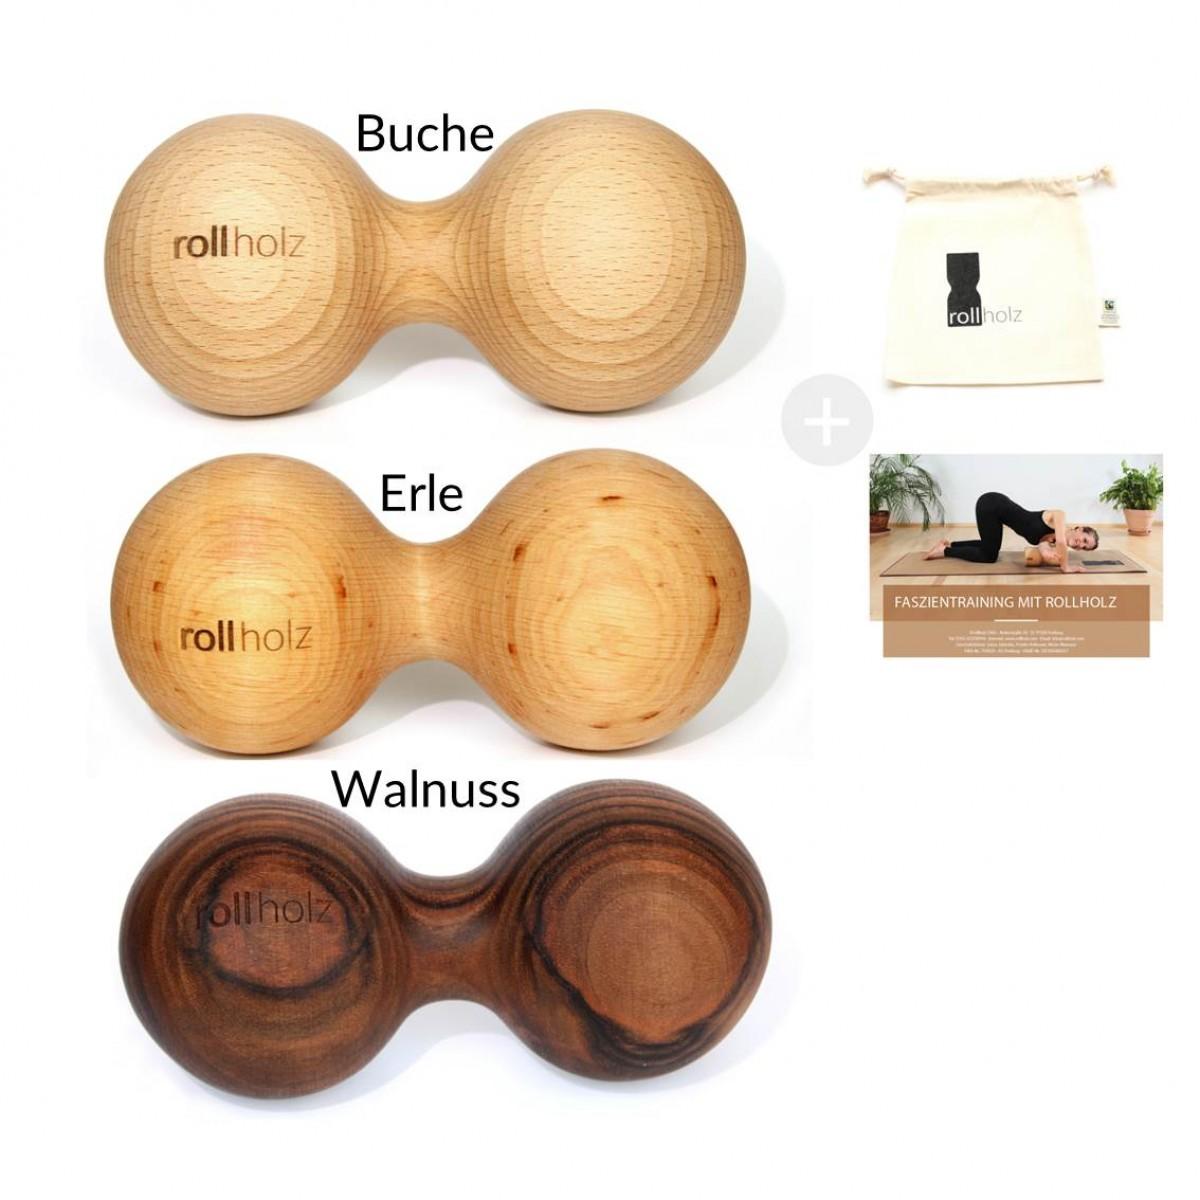 rollholz – Massagedoppelkugel aus Holz zur Regeneration & Schmerzvorbeugung